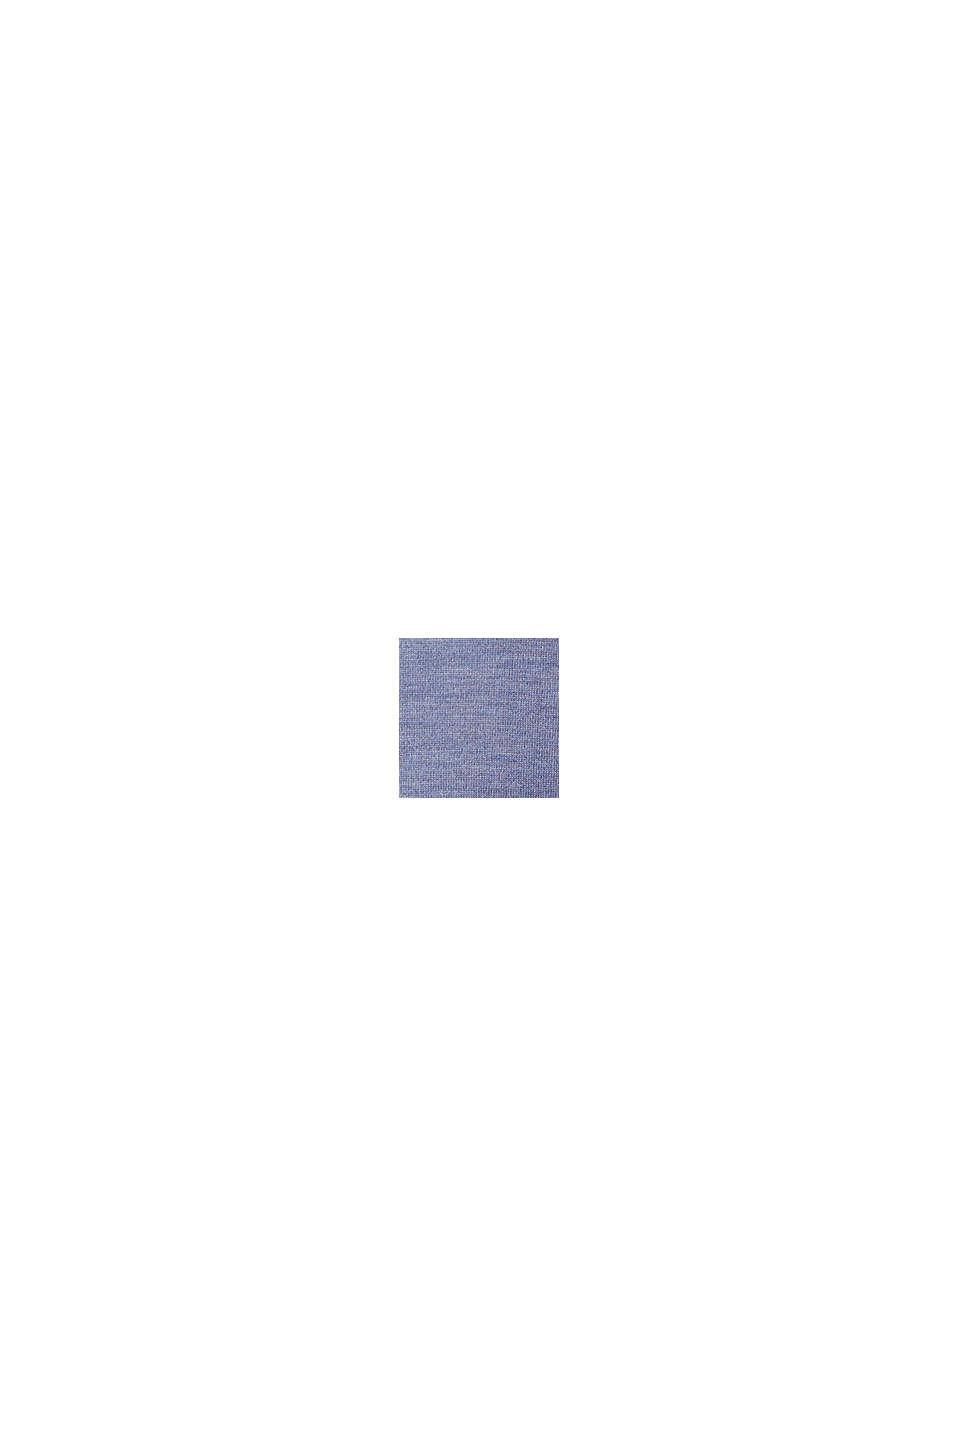 Pull-over à col droit, 100% laine, BLUE LAVENDER, swatch